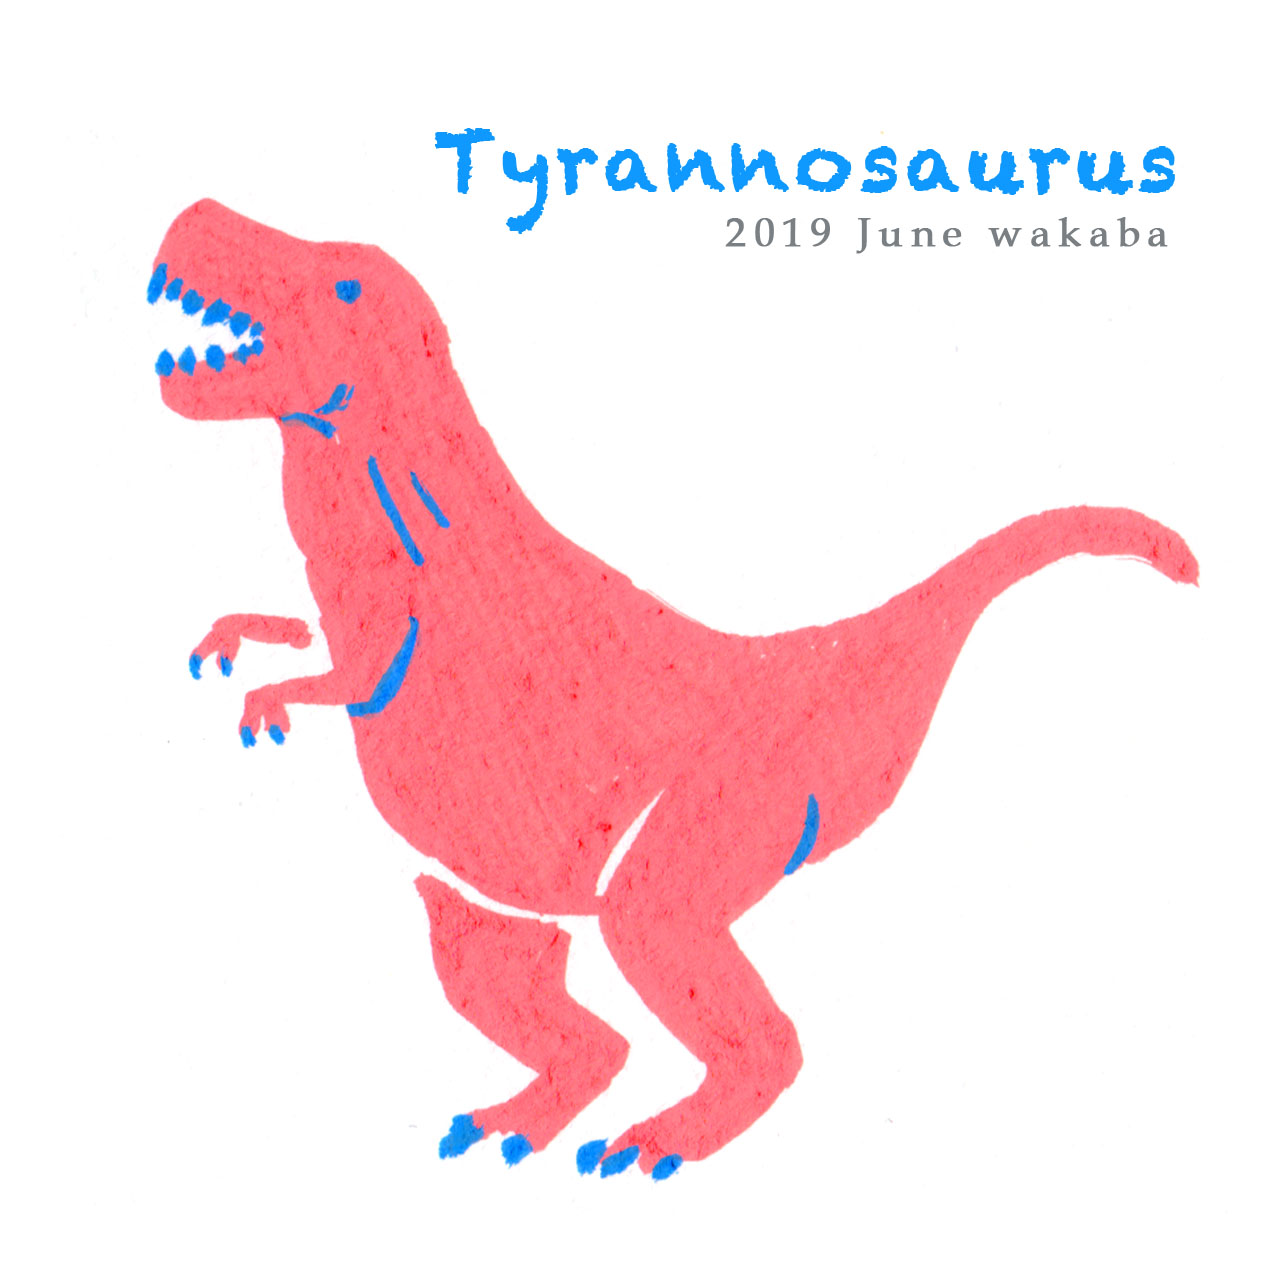 恐竜ティラノサウルスイラスト